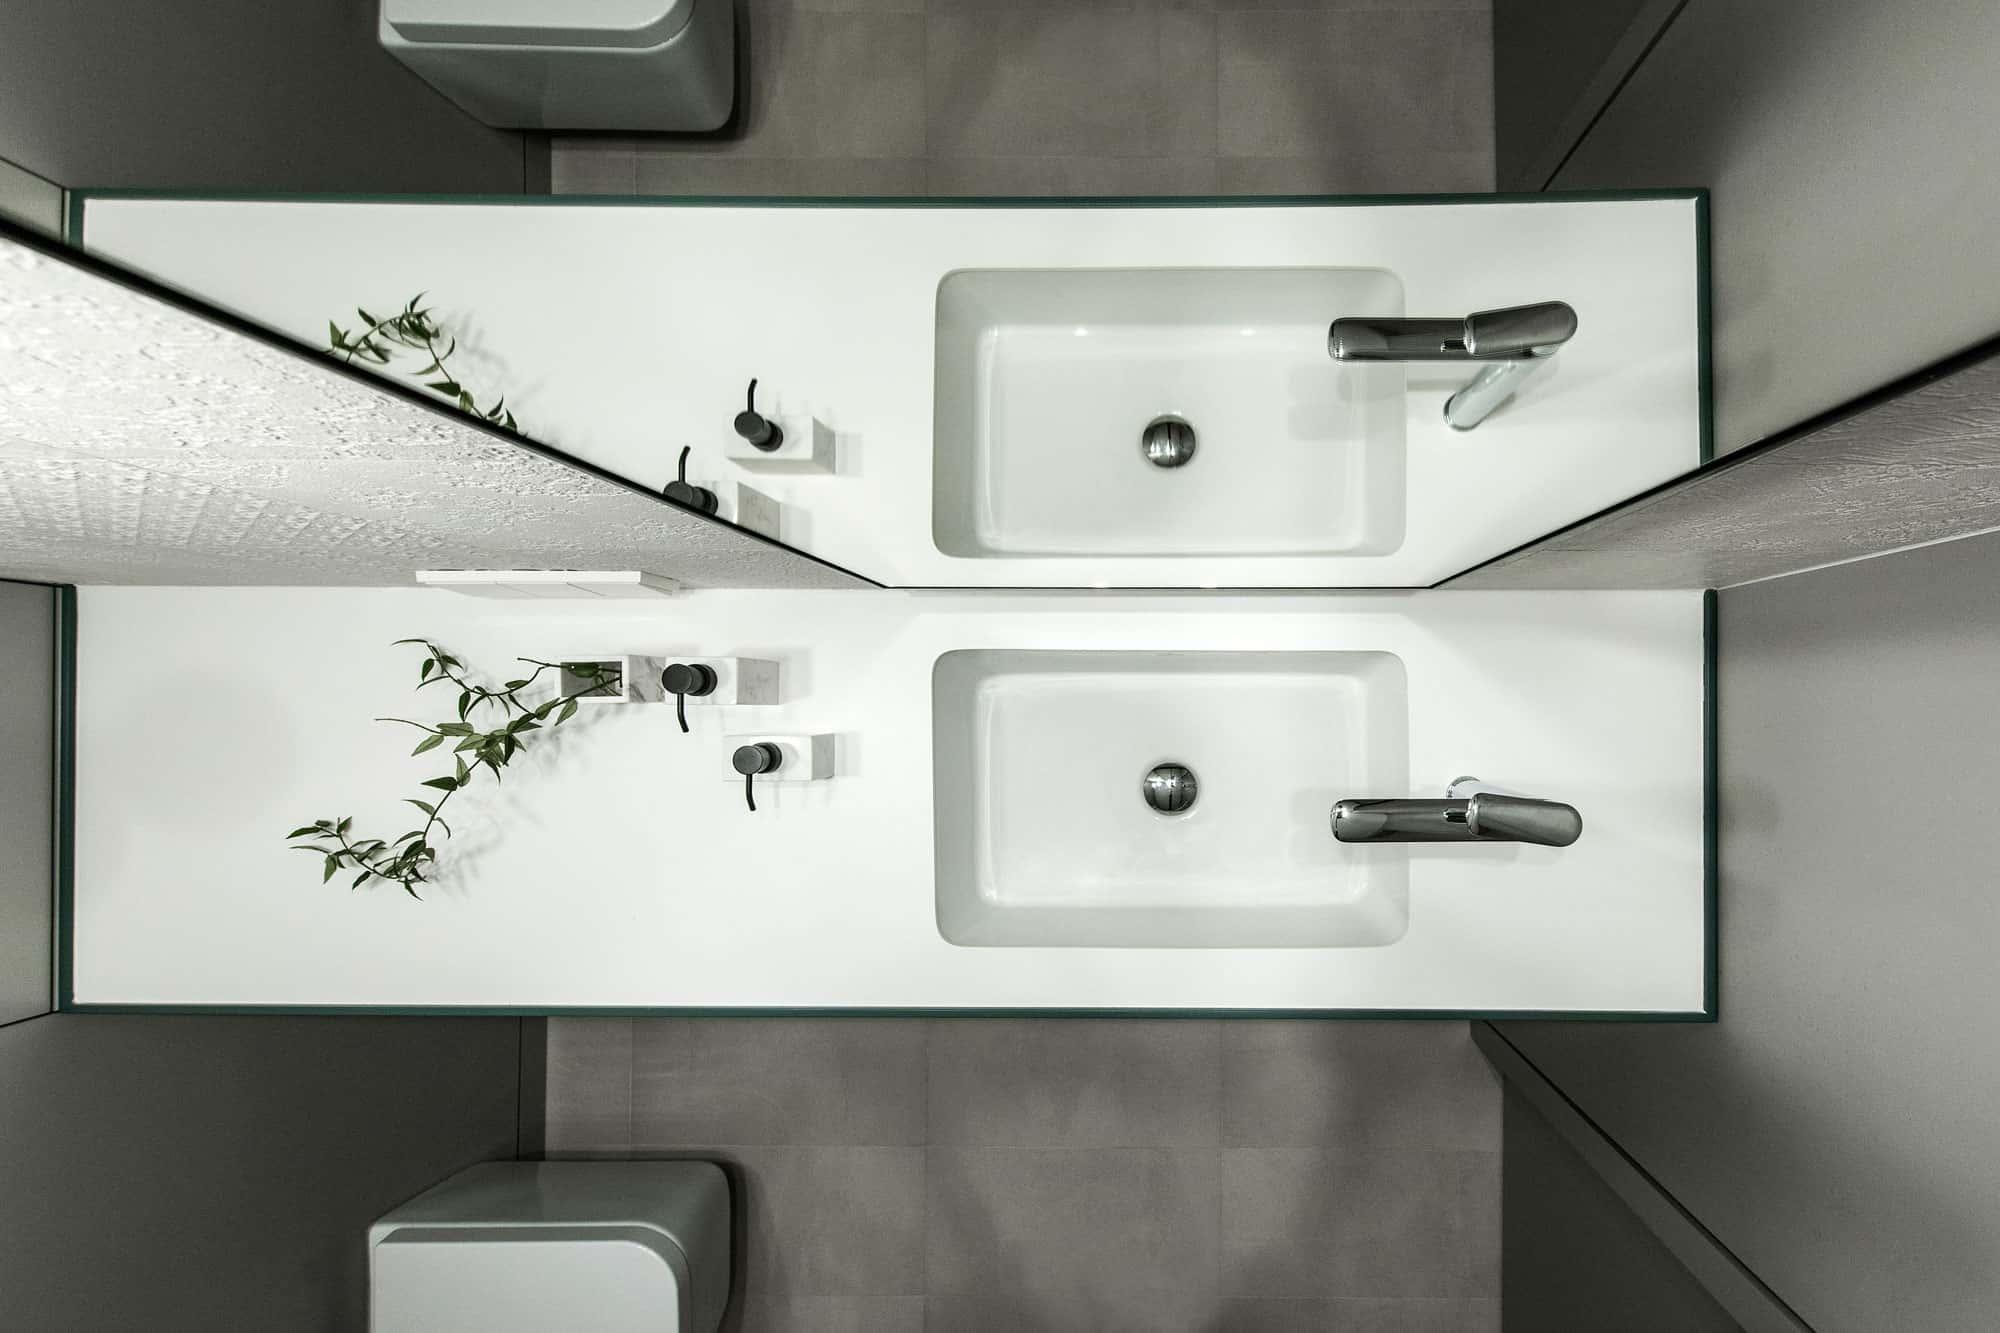 Apartment-interior-in-Basanavicius-street-11